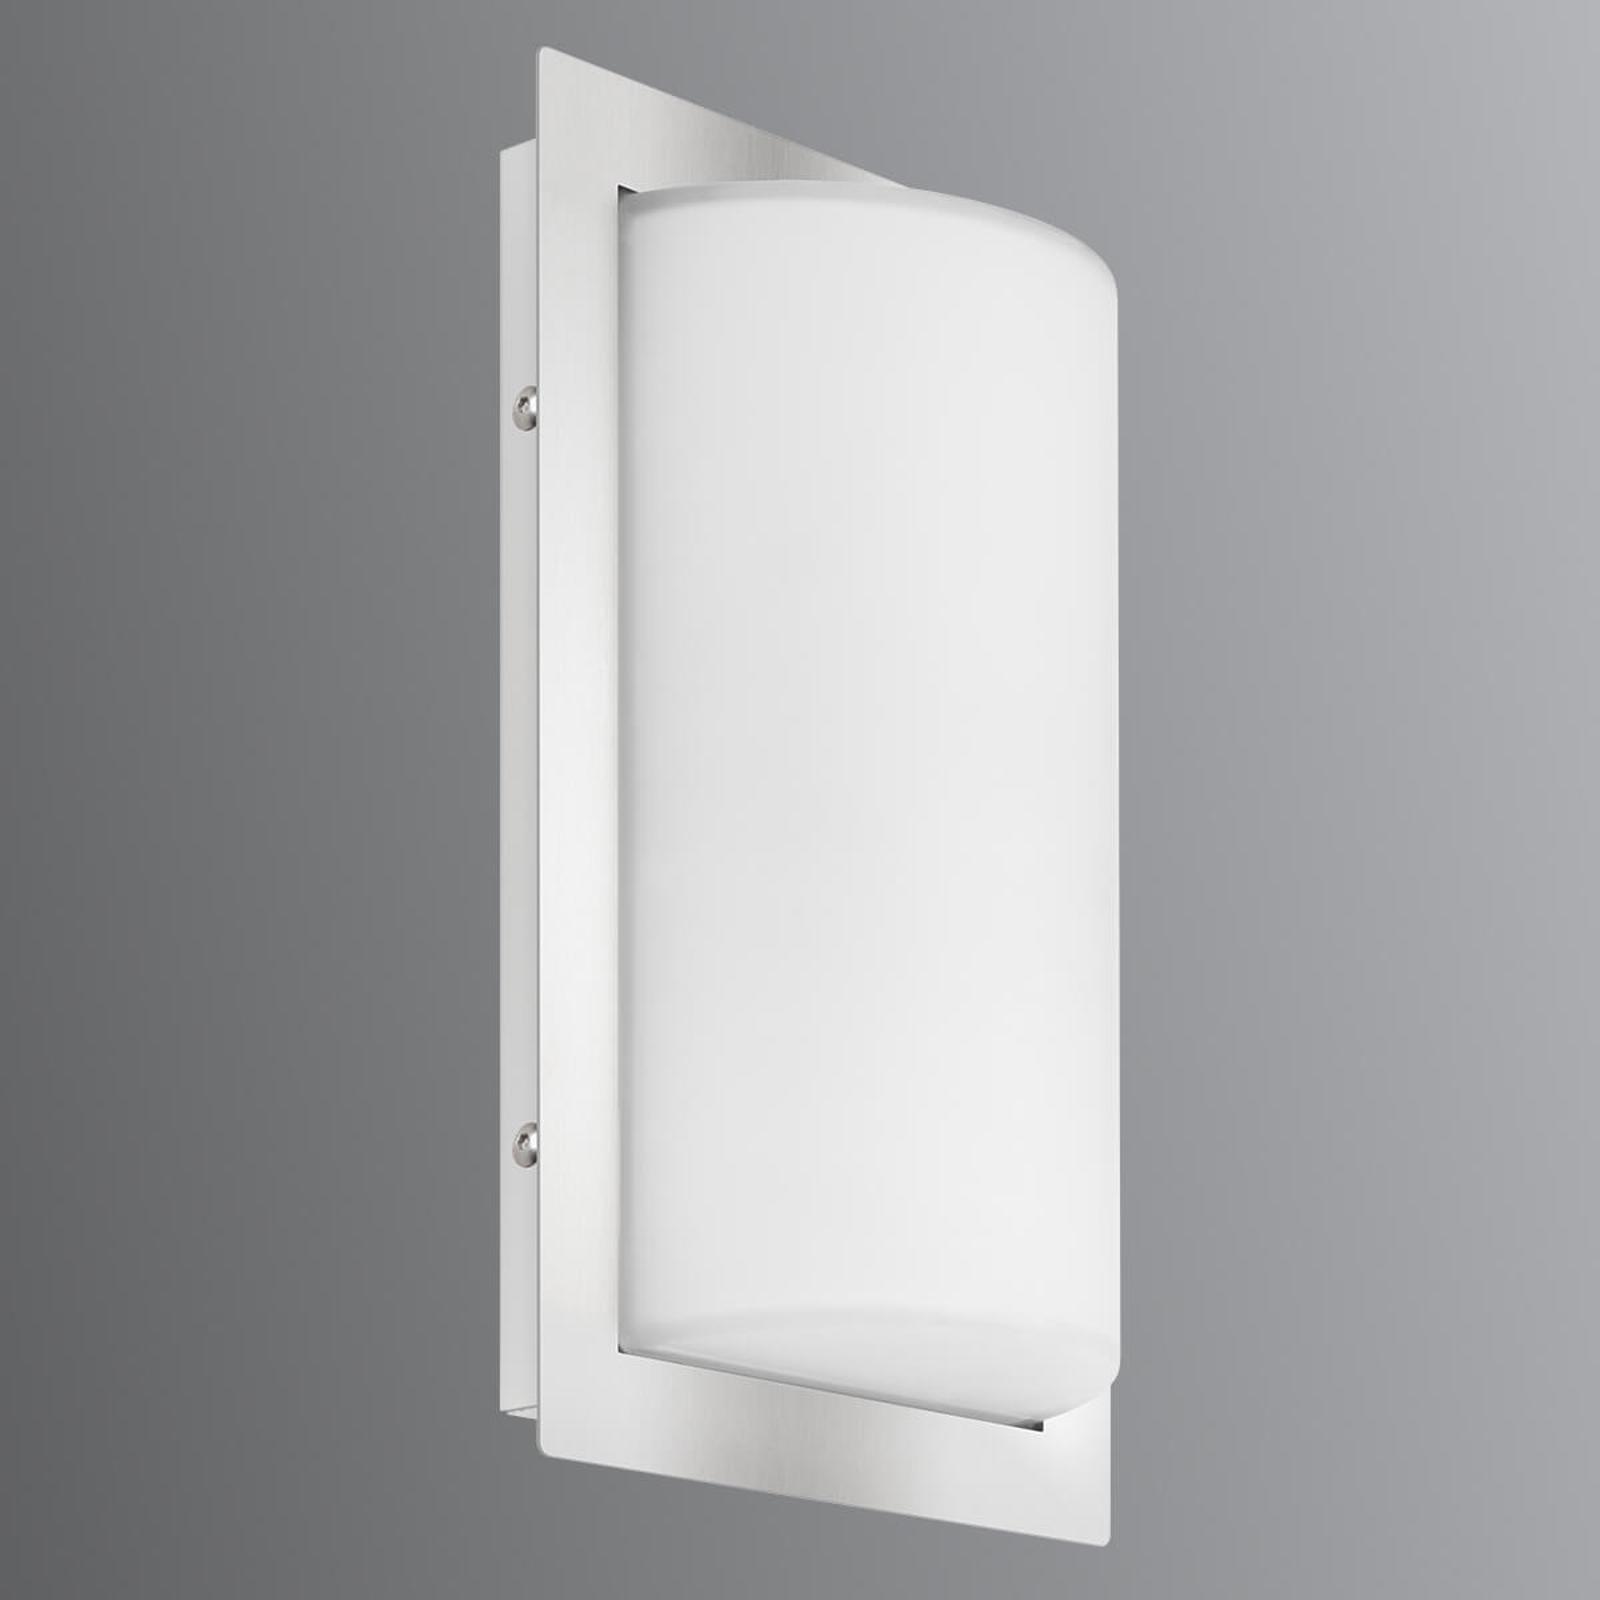 Hochwertige LED-Außenwandlampe Luis